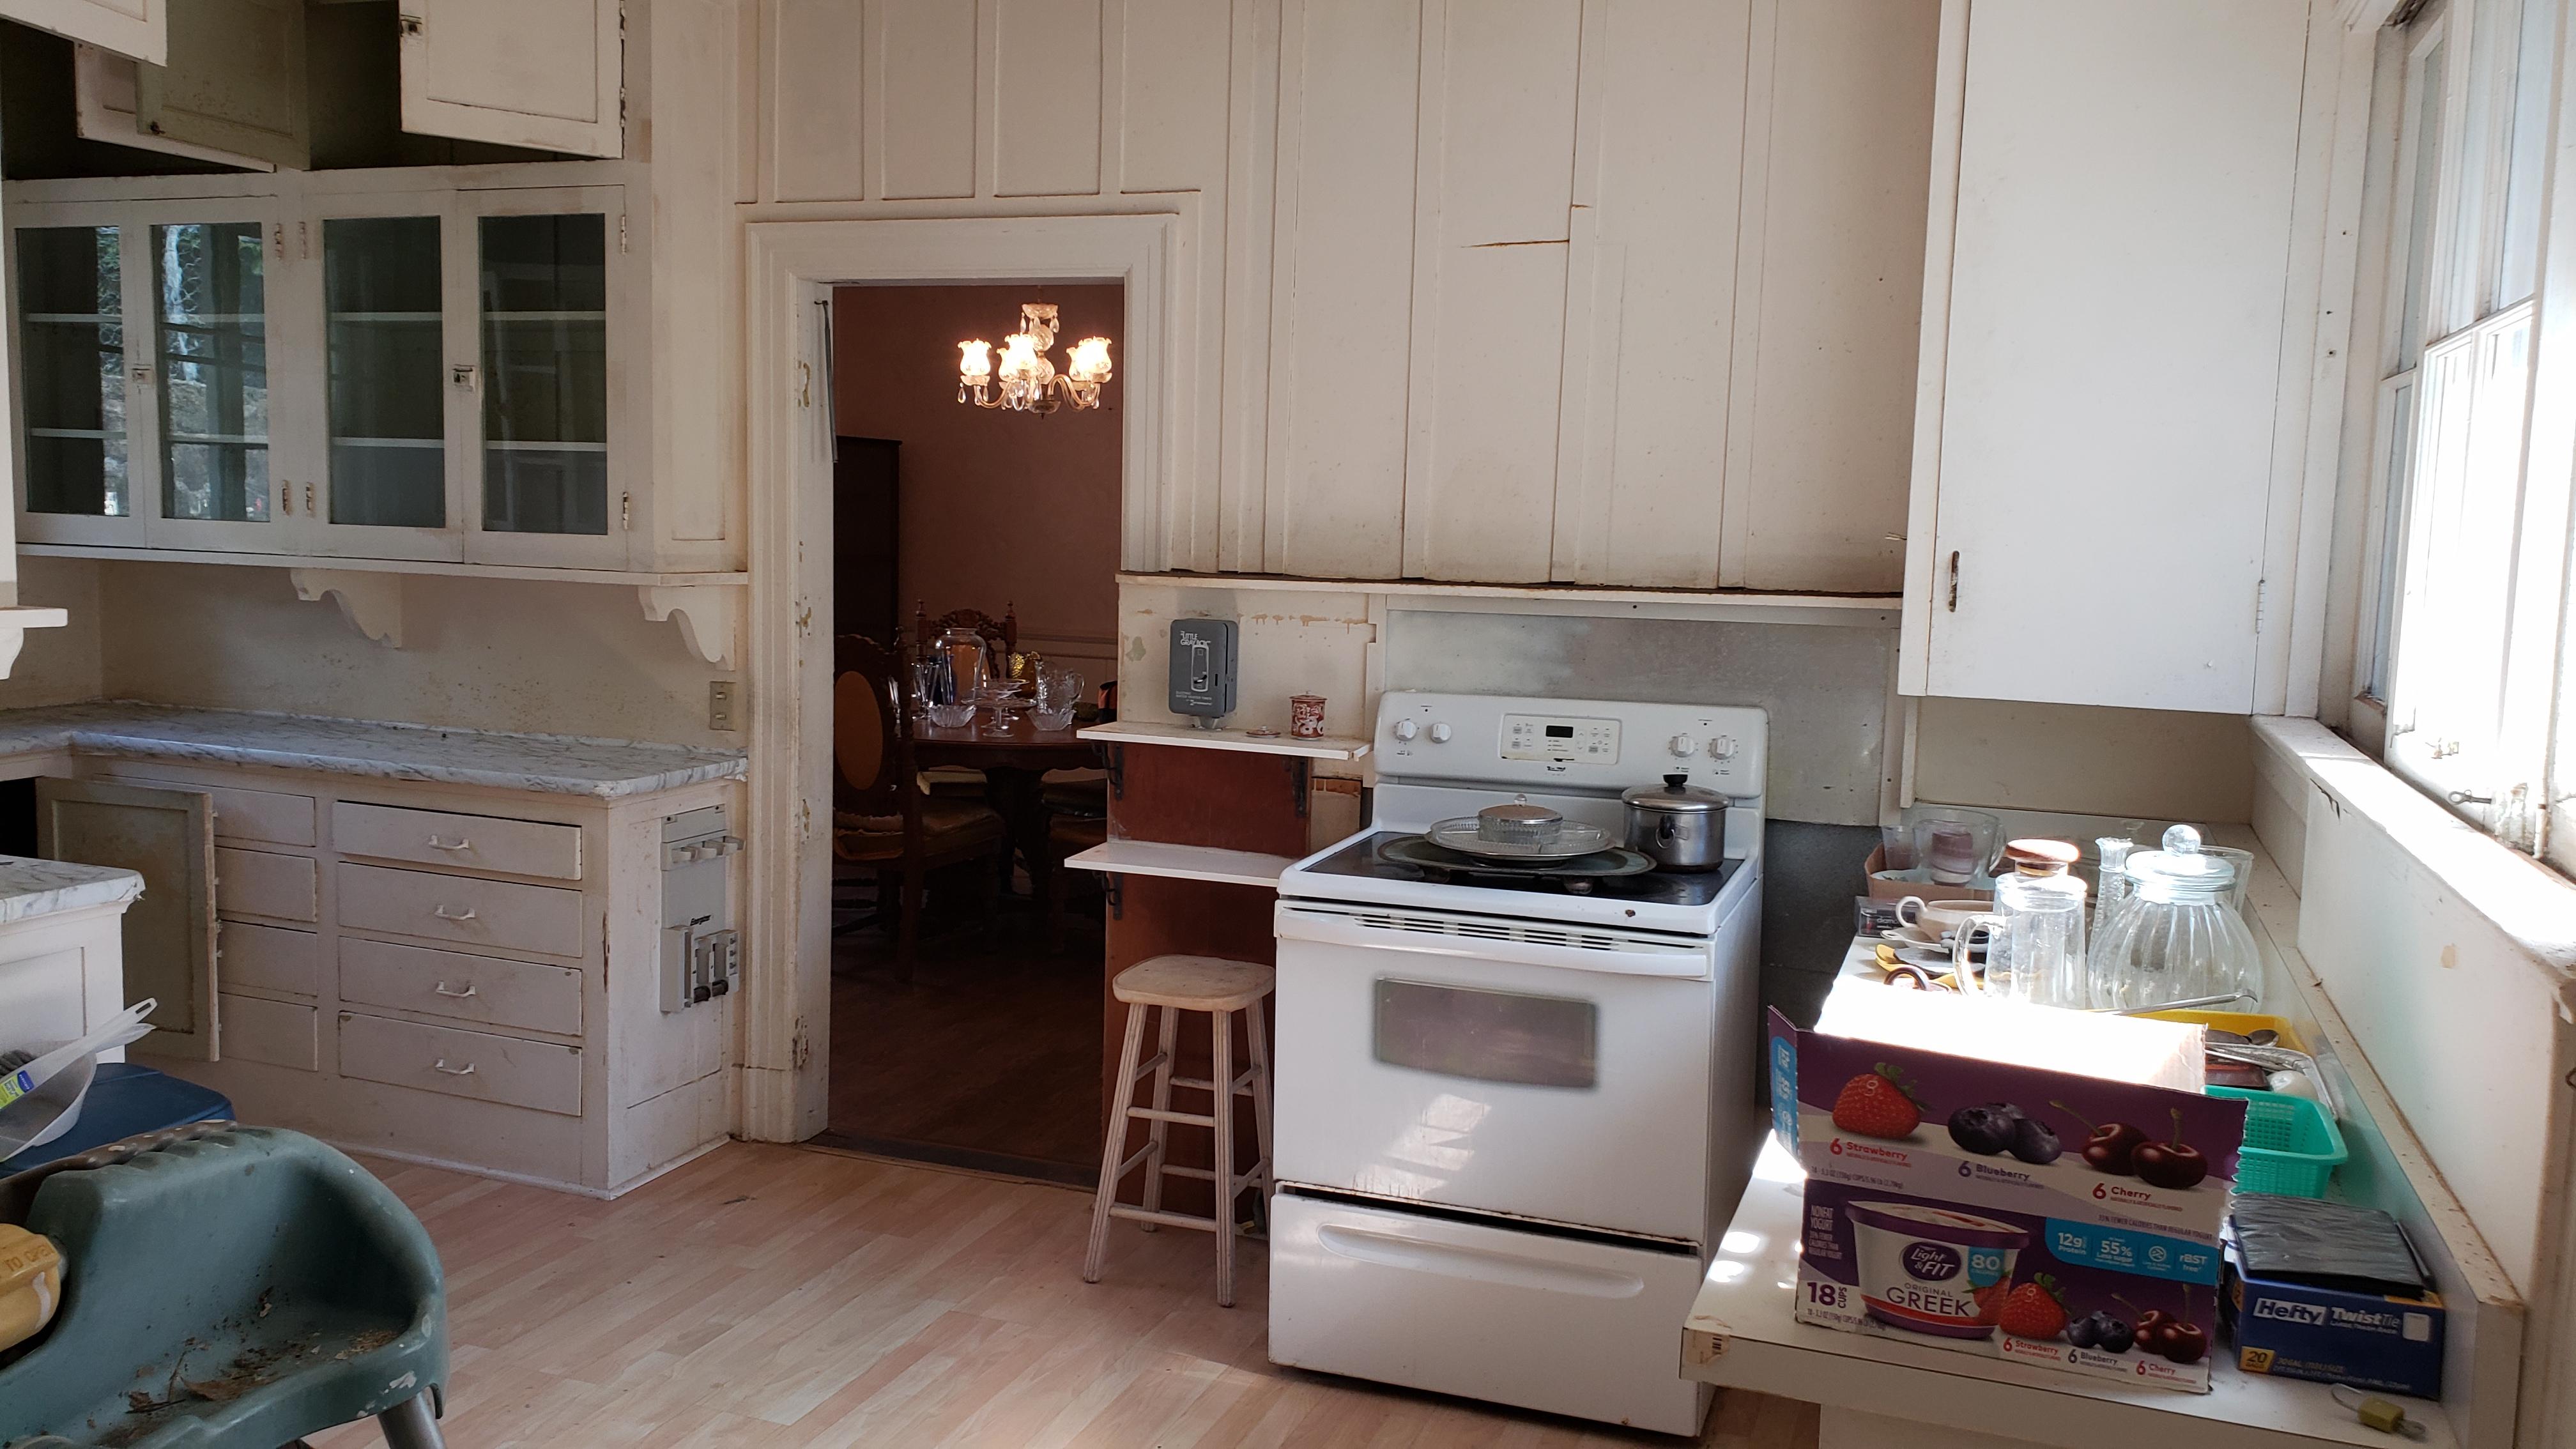 Manoa kitchen